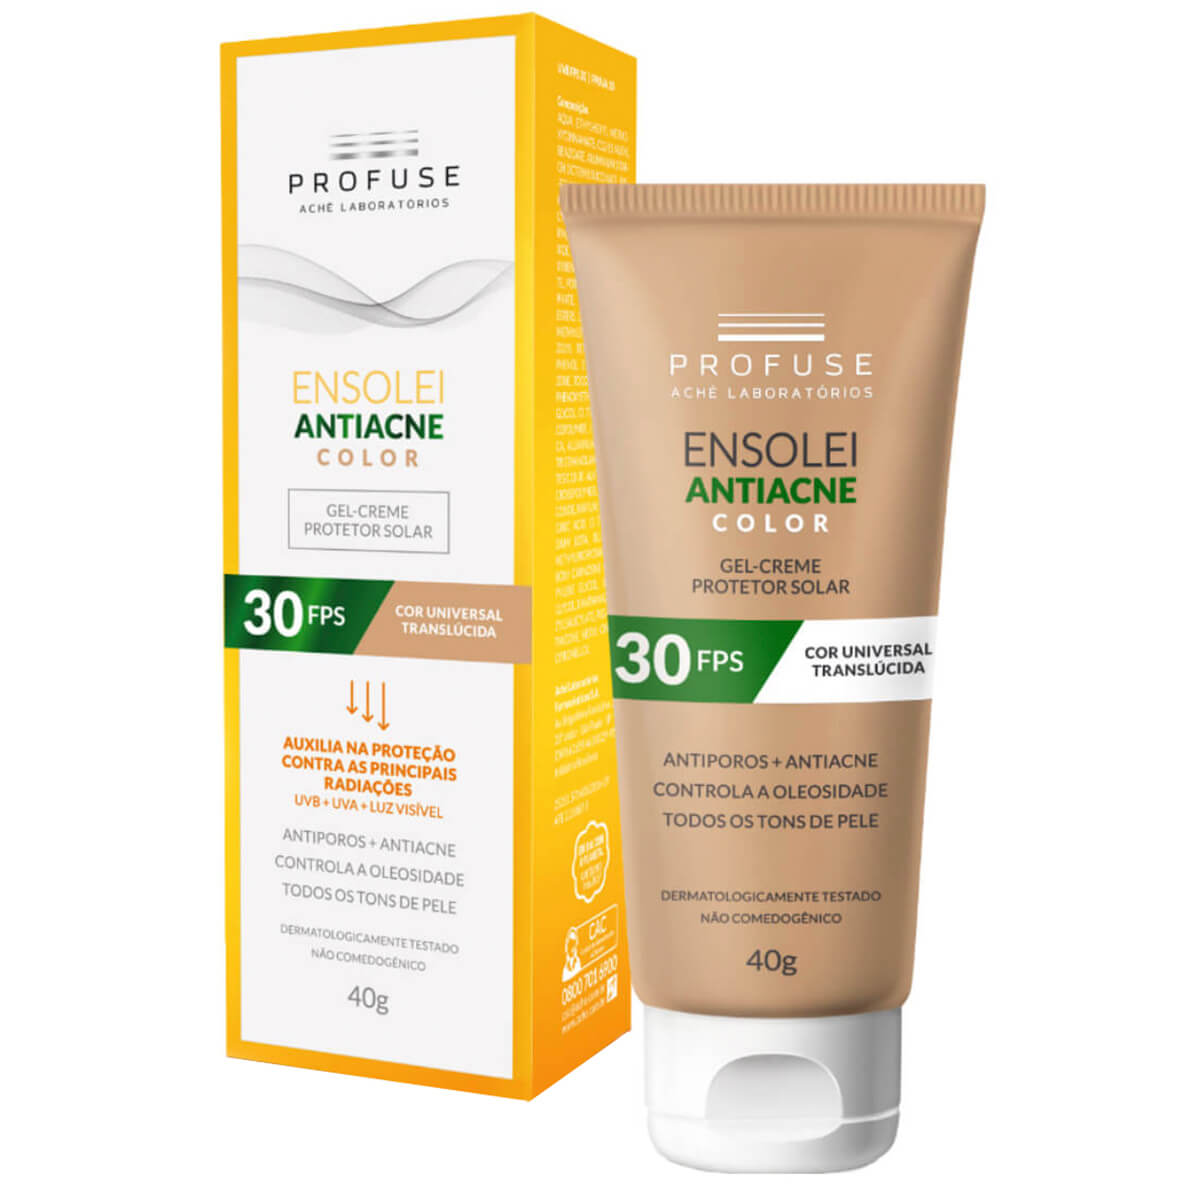 Protetor Solar Facial Profuse Ensolei Antiacne Color FPS 30 com 40g 40g